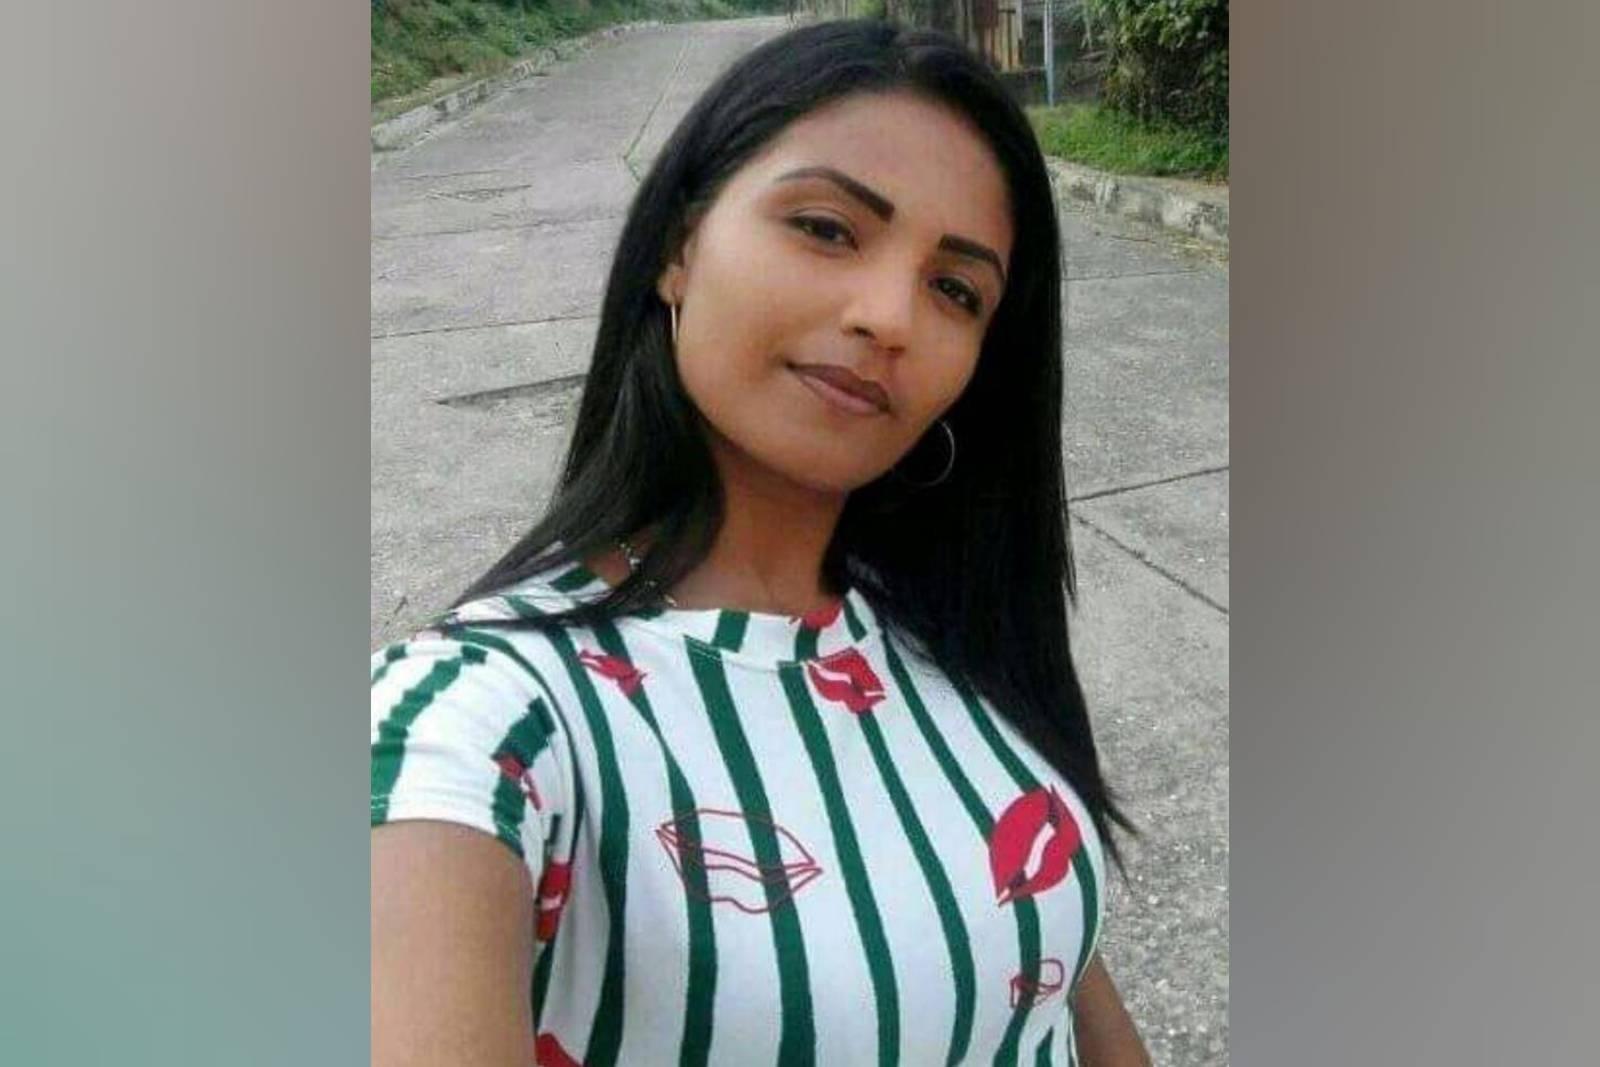 Hombre asesinó a su pareja y se entregó a las autoridades en Trujillo